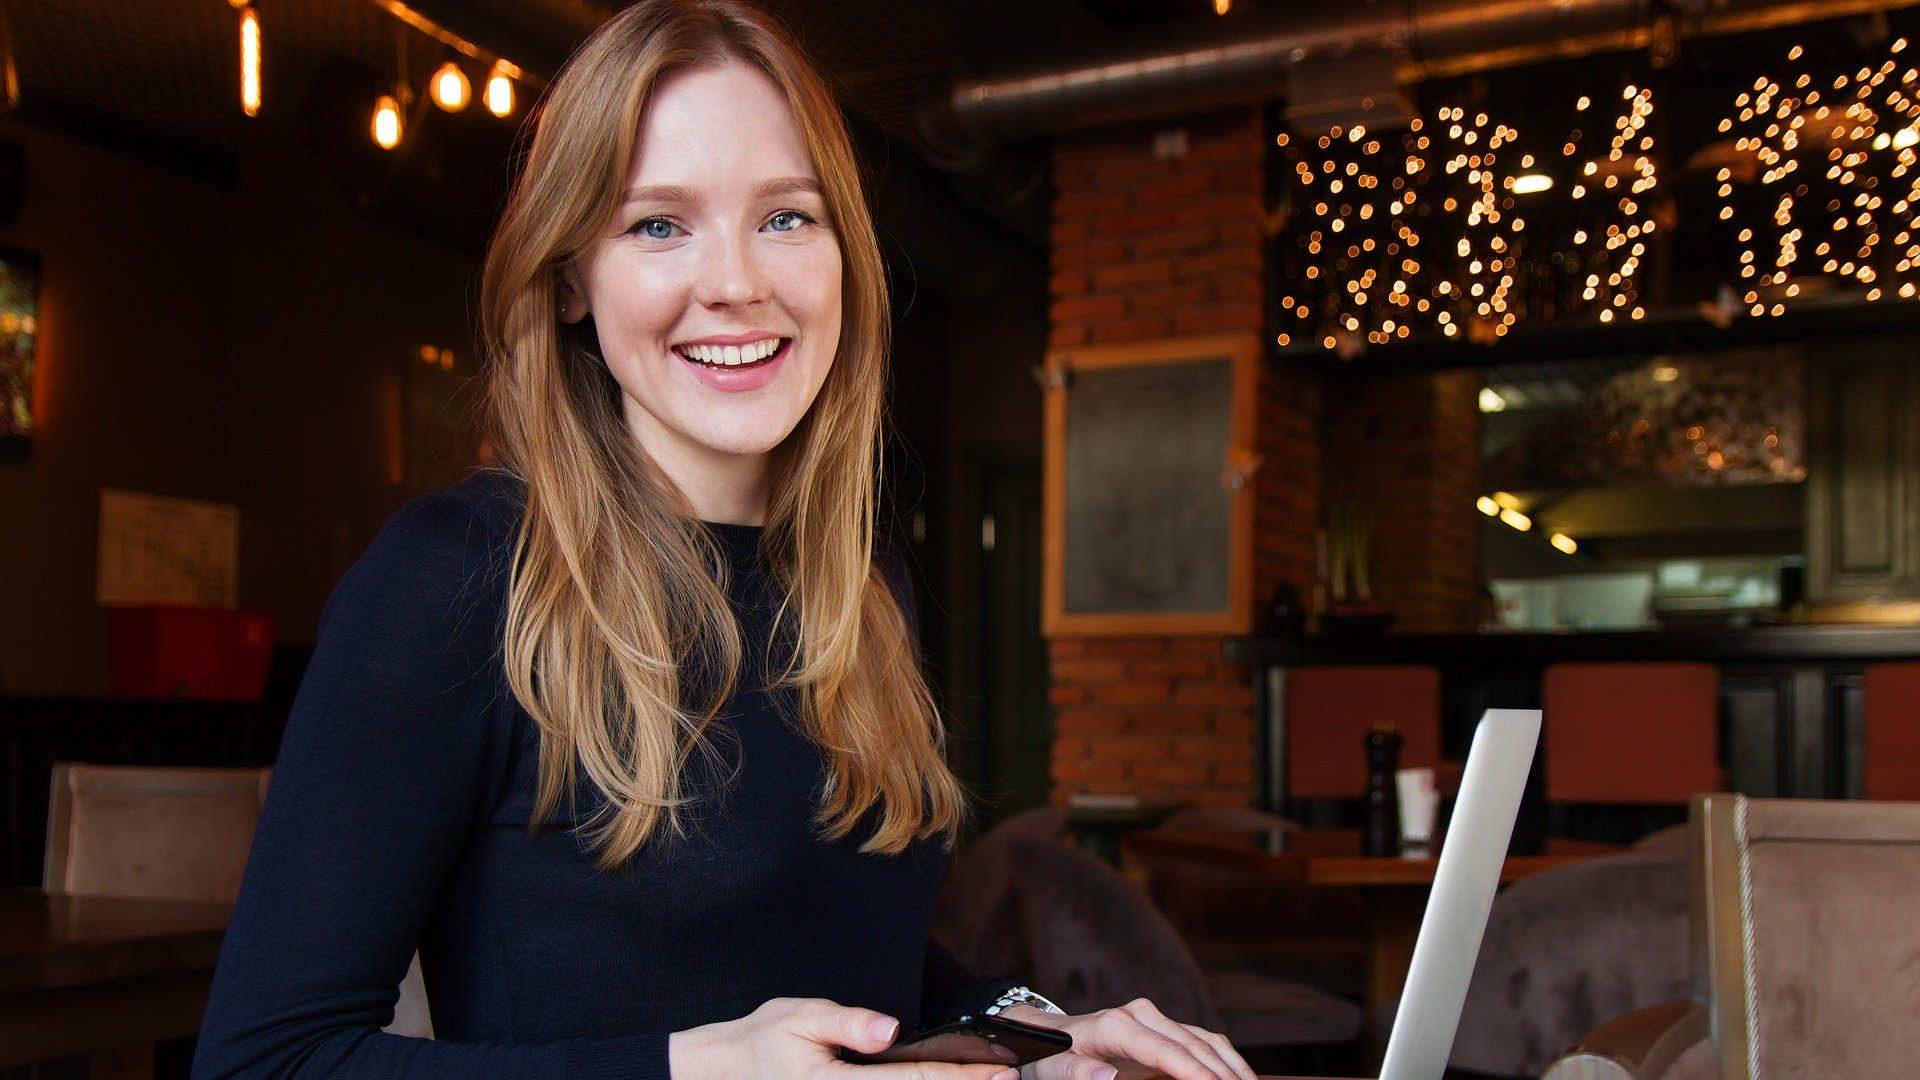 Nasmijana djevojka za laptopom i mobitelom u ruci